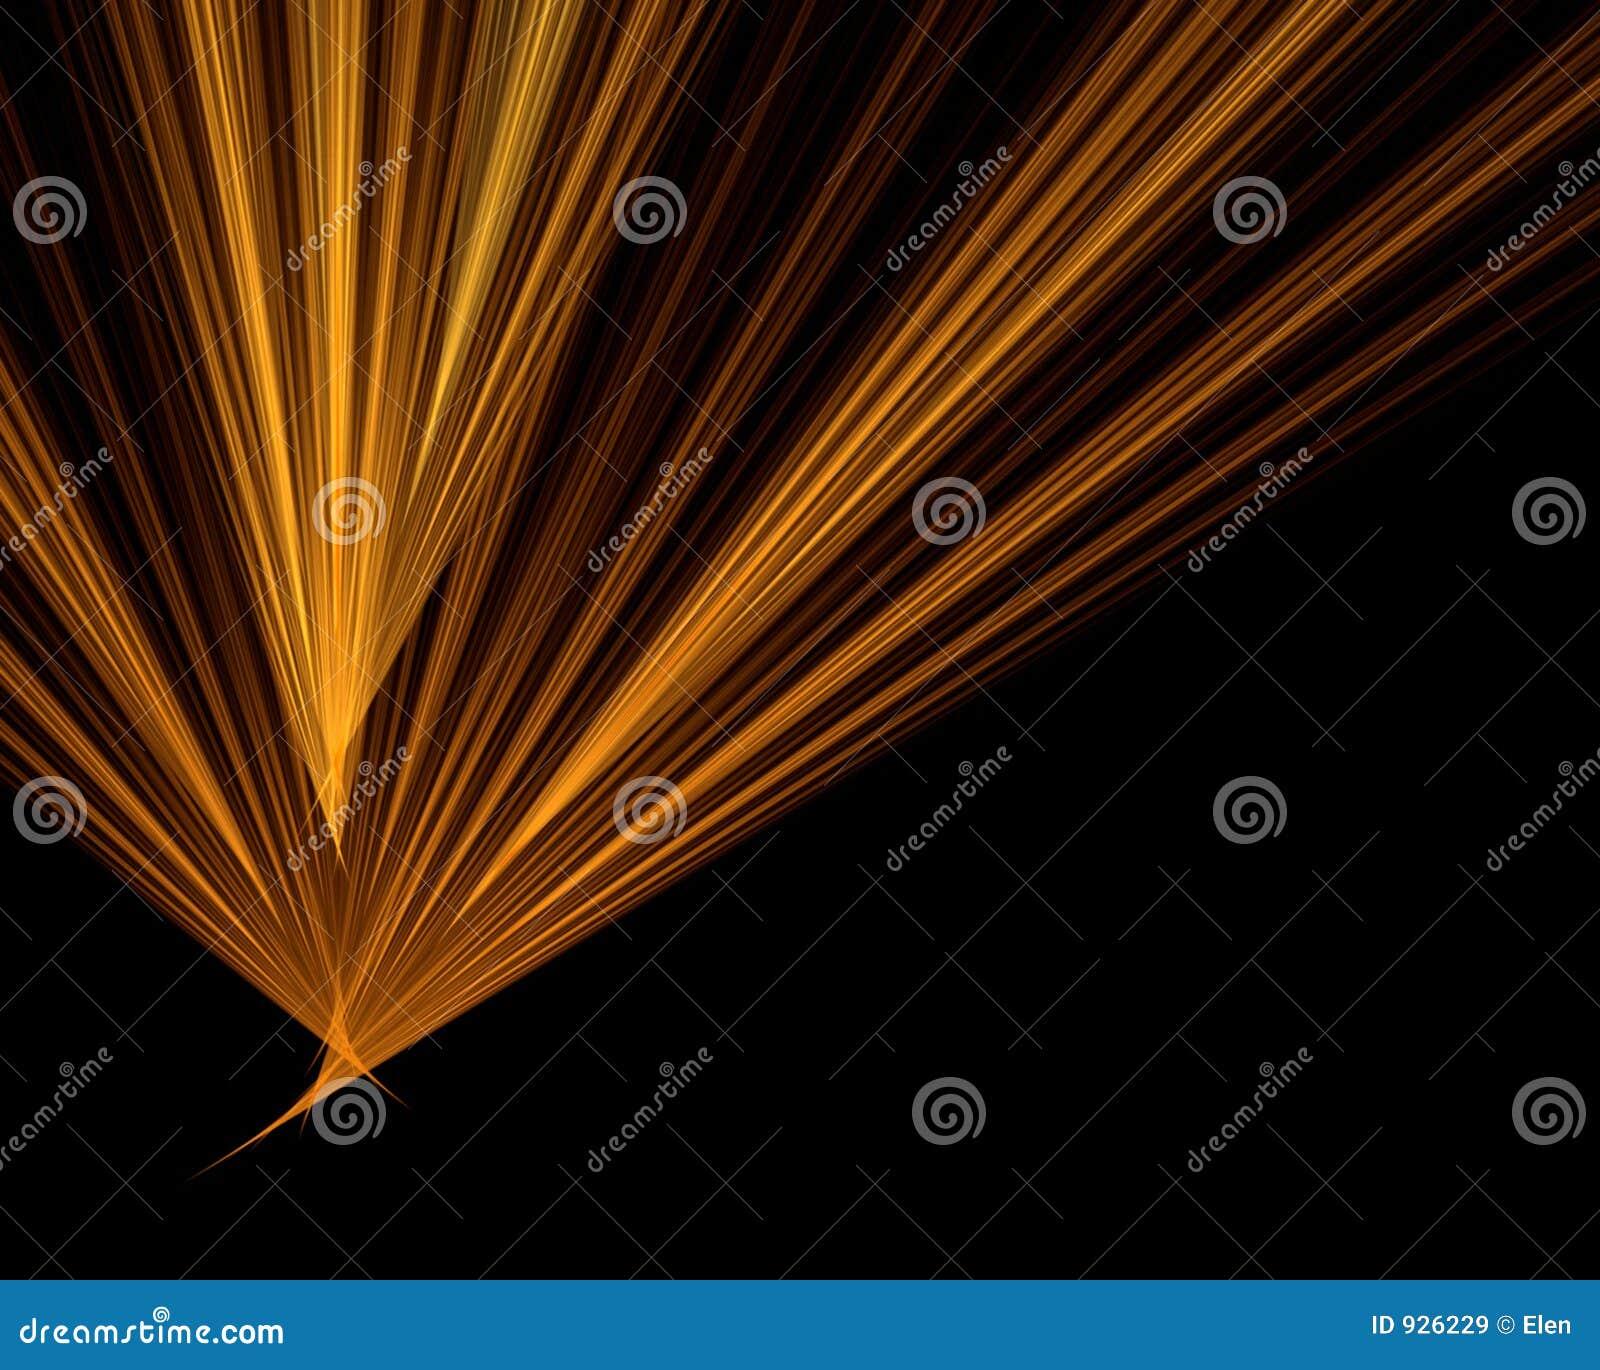 Rayos anaranjados en fondo negro